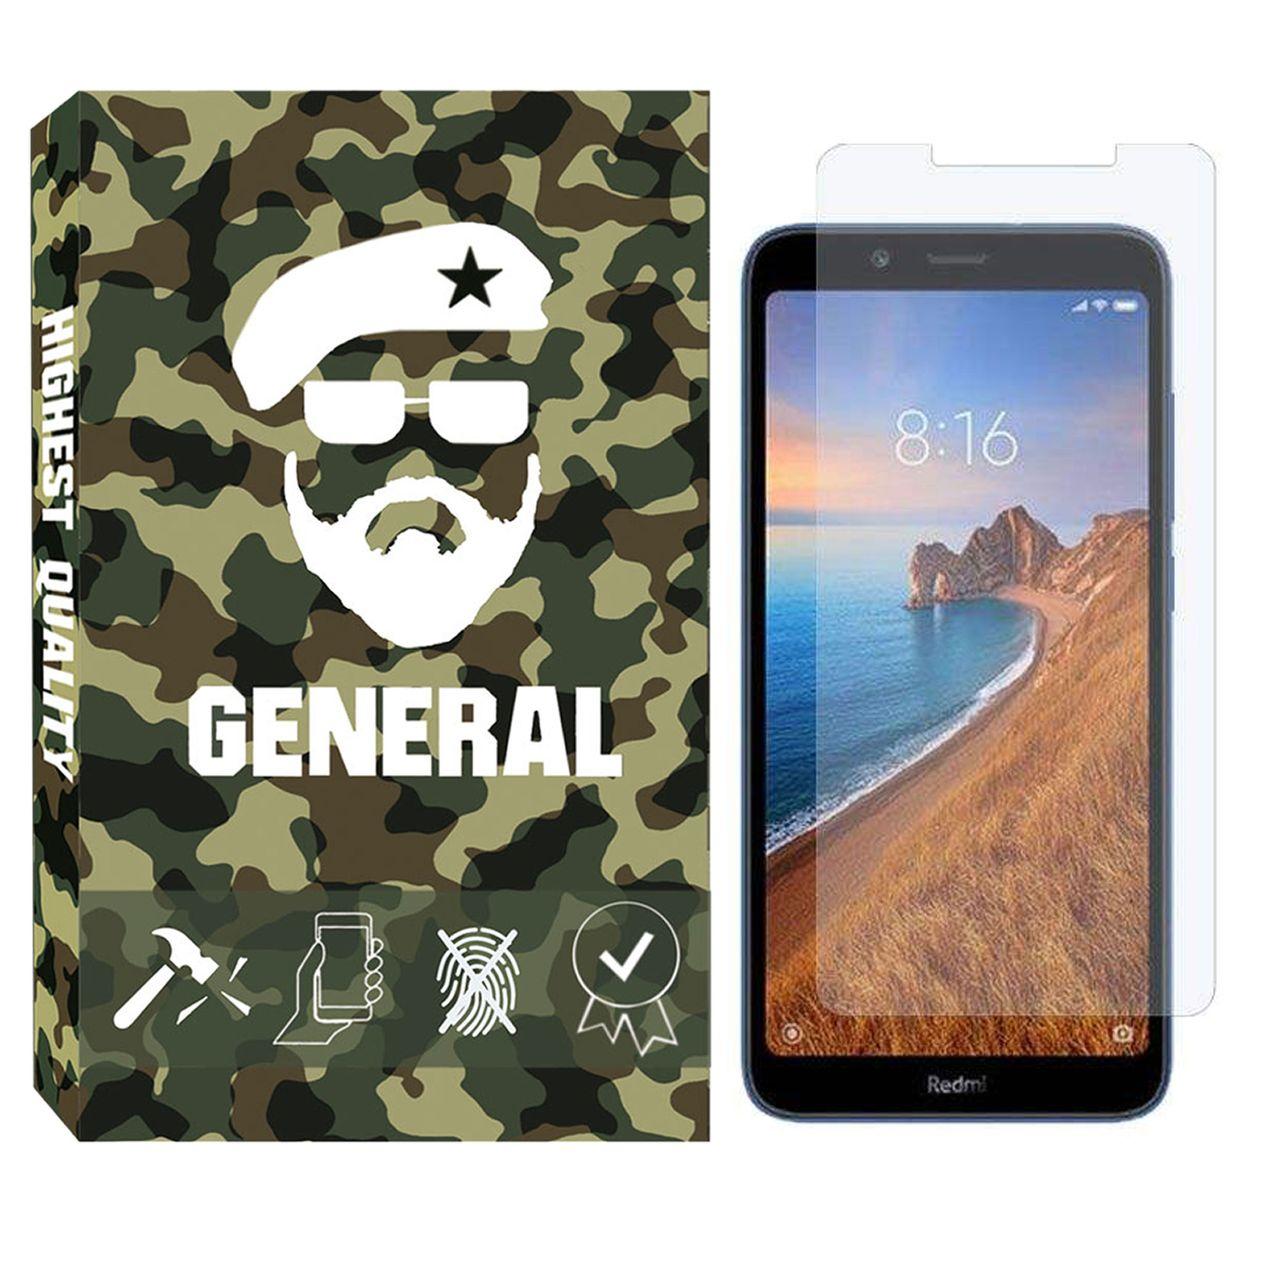 محافظ صفحه نمایش ژنرال مدل GN-01 مناسب برای گوشی موبایل شیائومی Redmi 7A